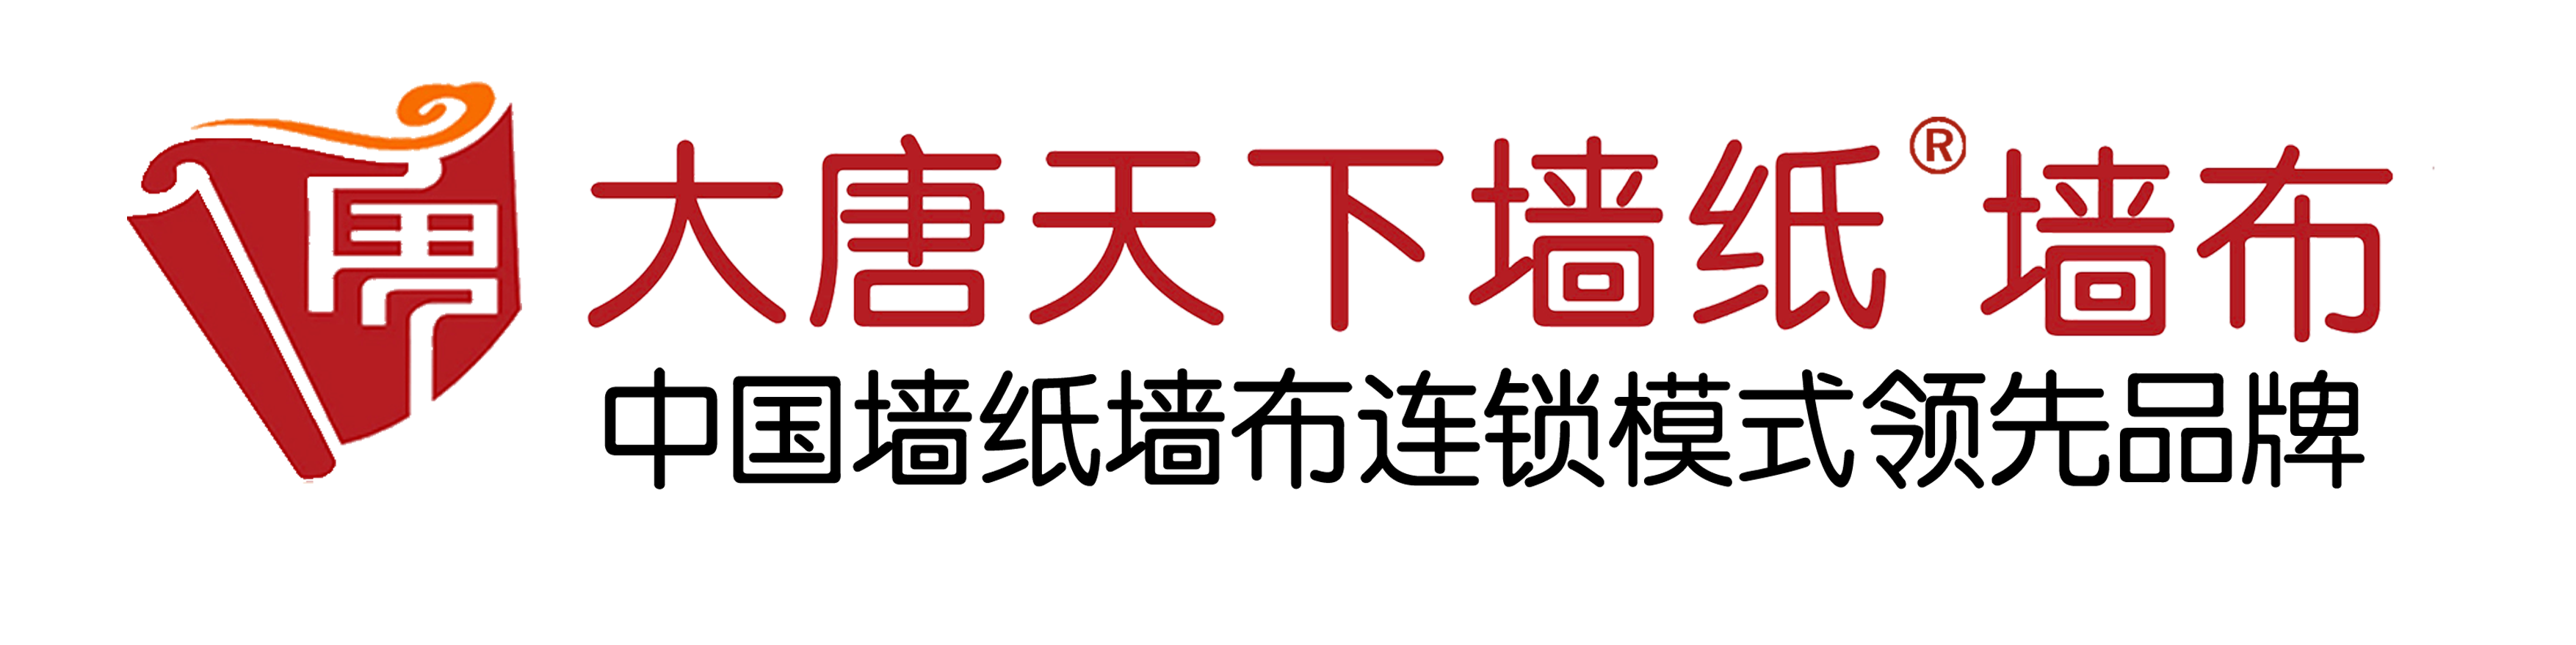 西安程氏装饰材料有限公司